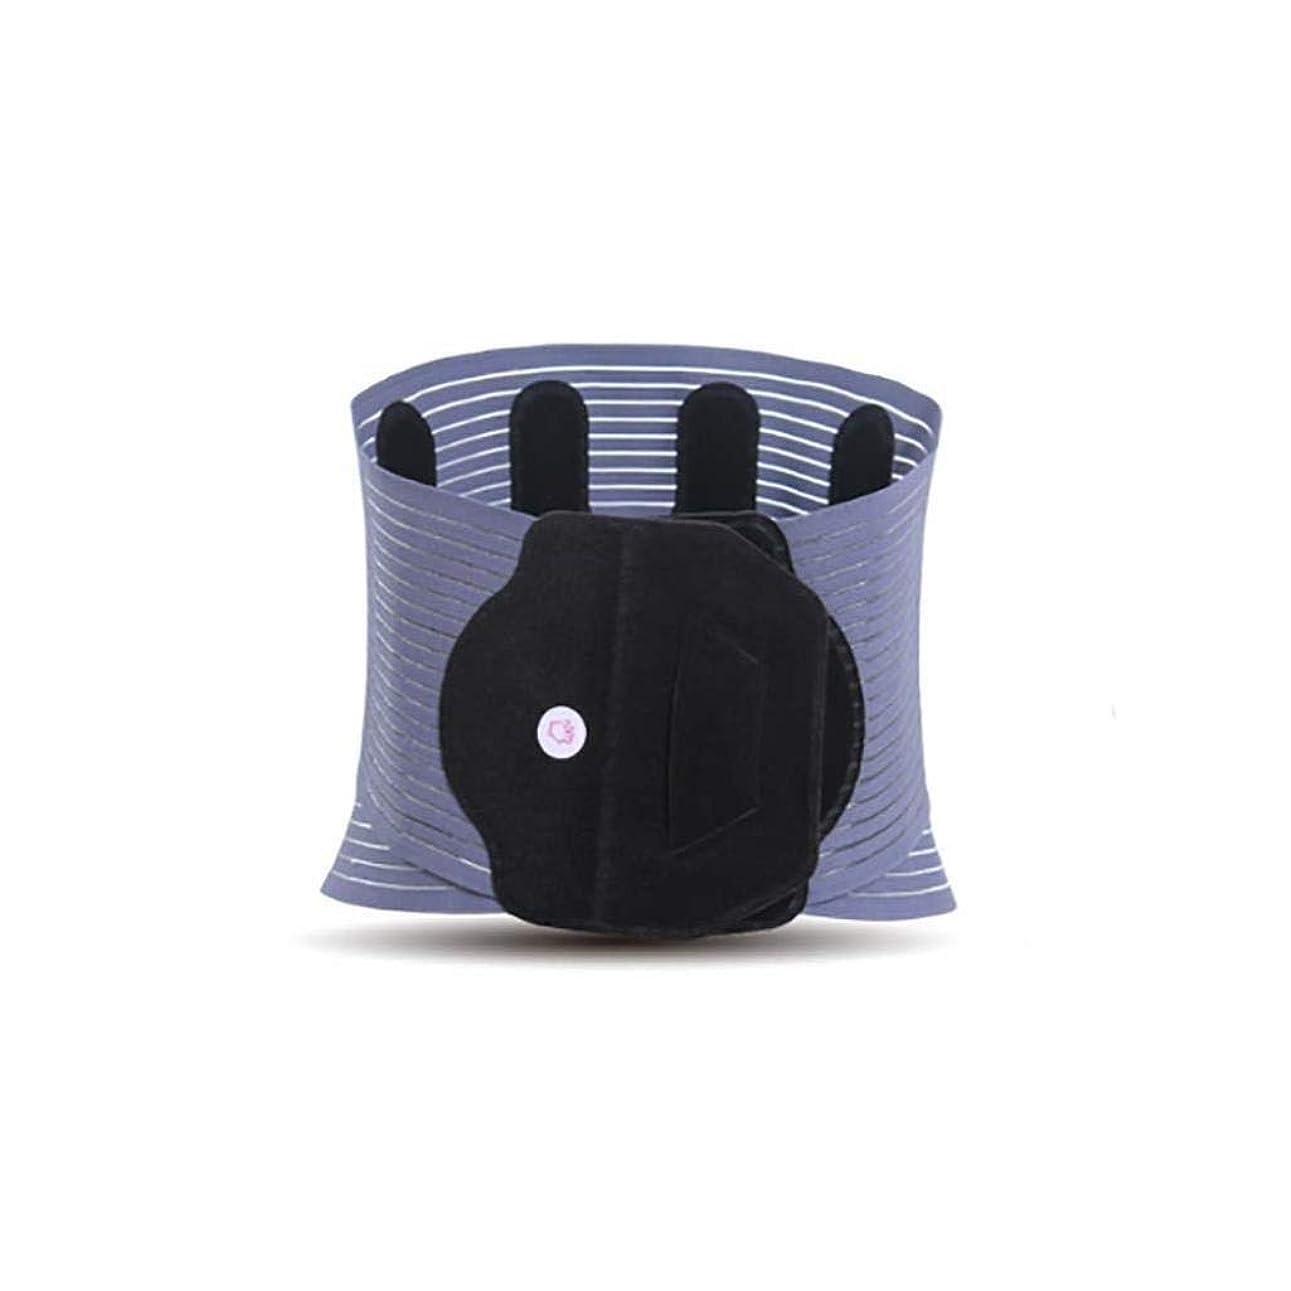 出費飼い慣らすペダル女性の男性に適したウエストマッサージャー、バックウエストサポートベルト、痛みを和らげるM:85CM、L:95CM、XL:105CM、XXL115CM (Size : XXL115CM)